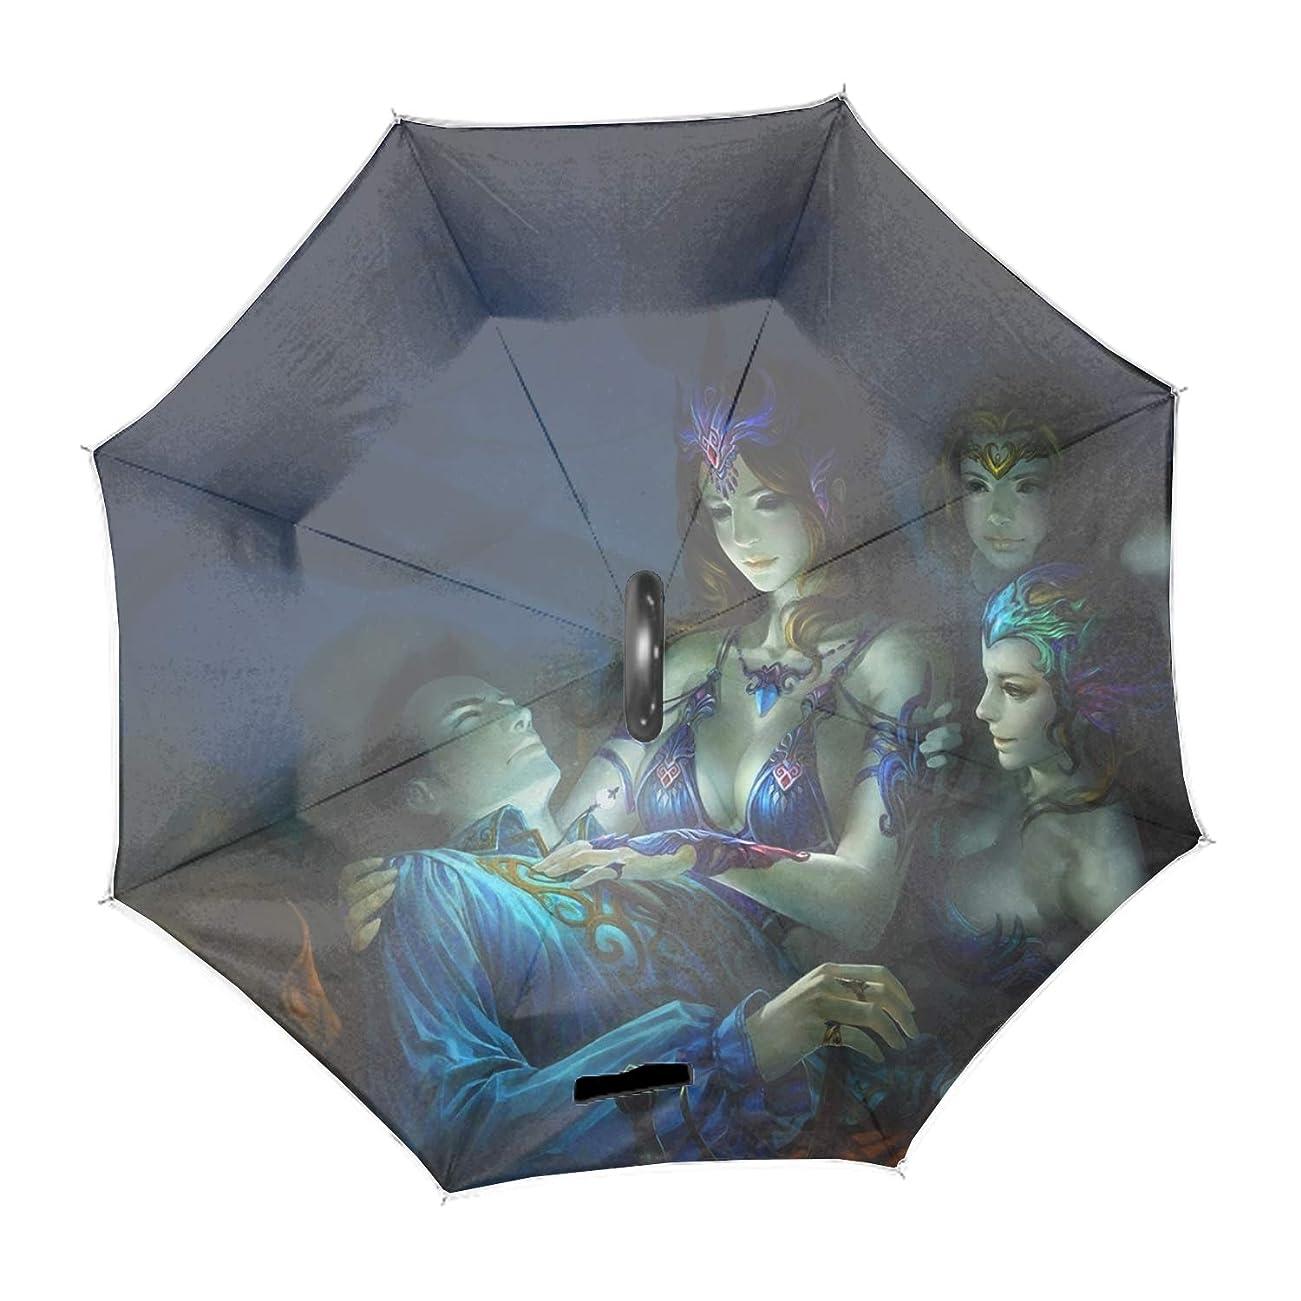 フラフープに対してトラフ反転逆車の雨可逆傘は、ファッション防水傘を反転した創造的な革新的な屋外ゴルフスポーツ風防ファンタジー愛WoMen Artistic